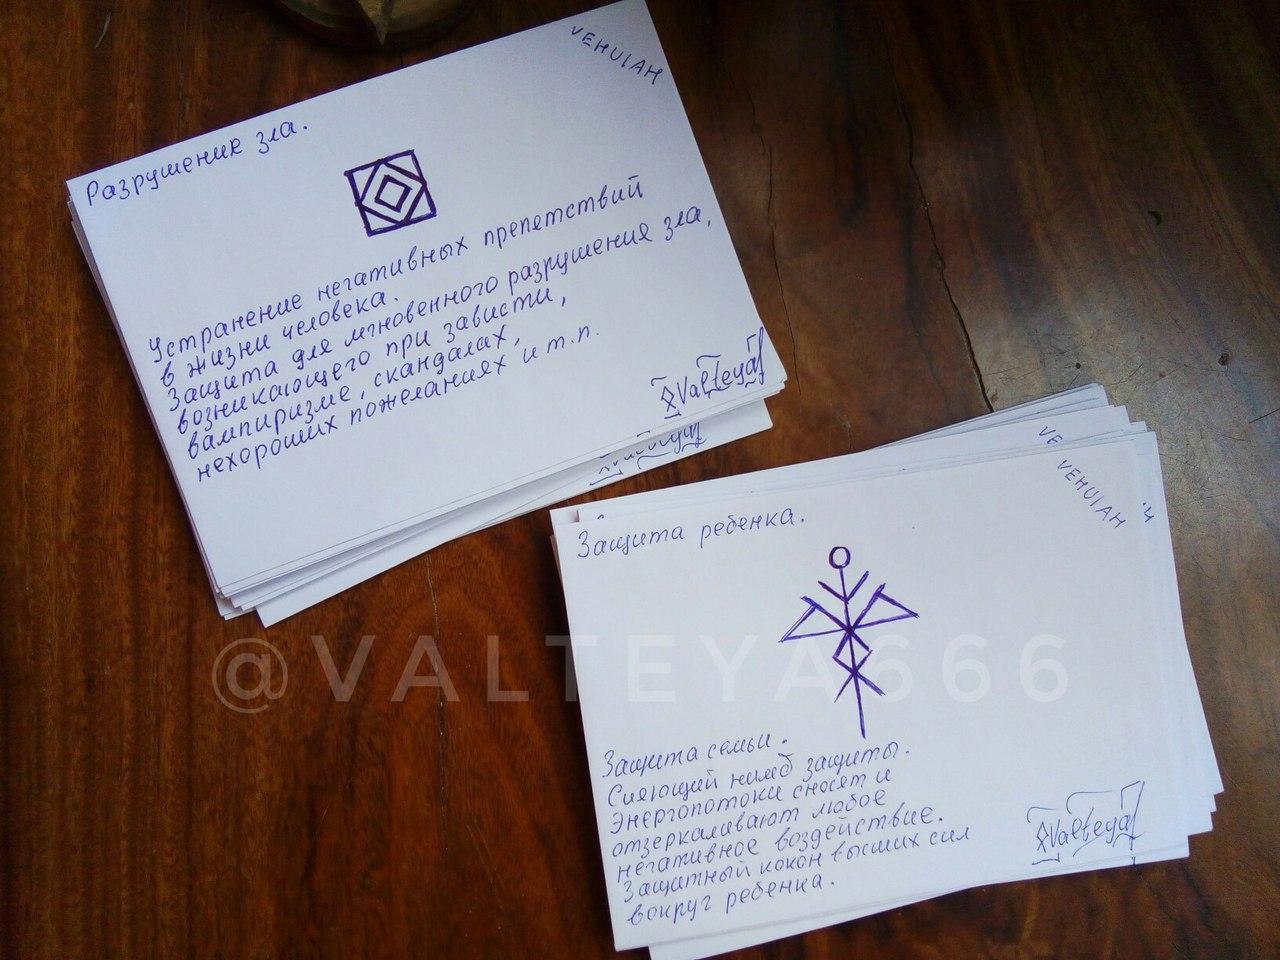 Рунограмма - Конверты с магическими программами от Елены Руденко. Ставы, символы, руническая магия.  - Страница 6 ZXTUGcuU-RA